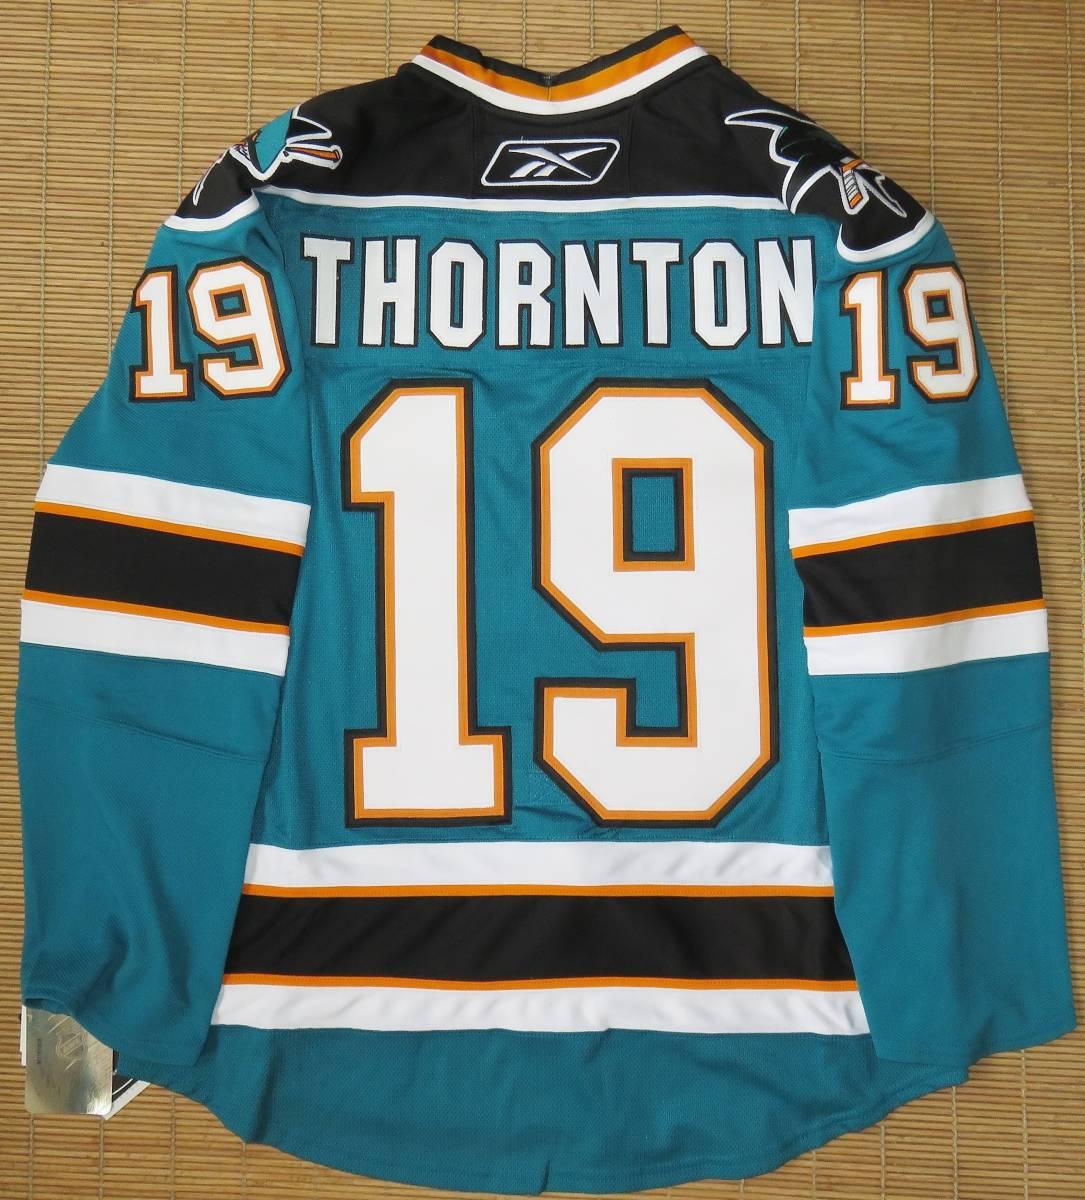 正規品 NHL サンノゼ・シャークス#19ジョー・ソーントン(カナダ代表/ブルーインズ)ホーム用/オーセンティック ジャージ/ユニフォーム_画像2